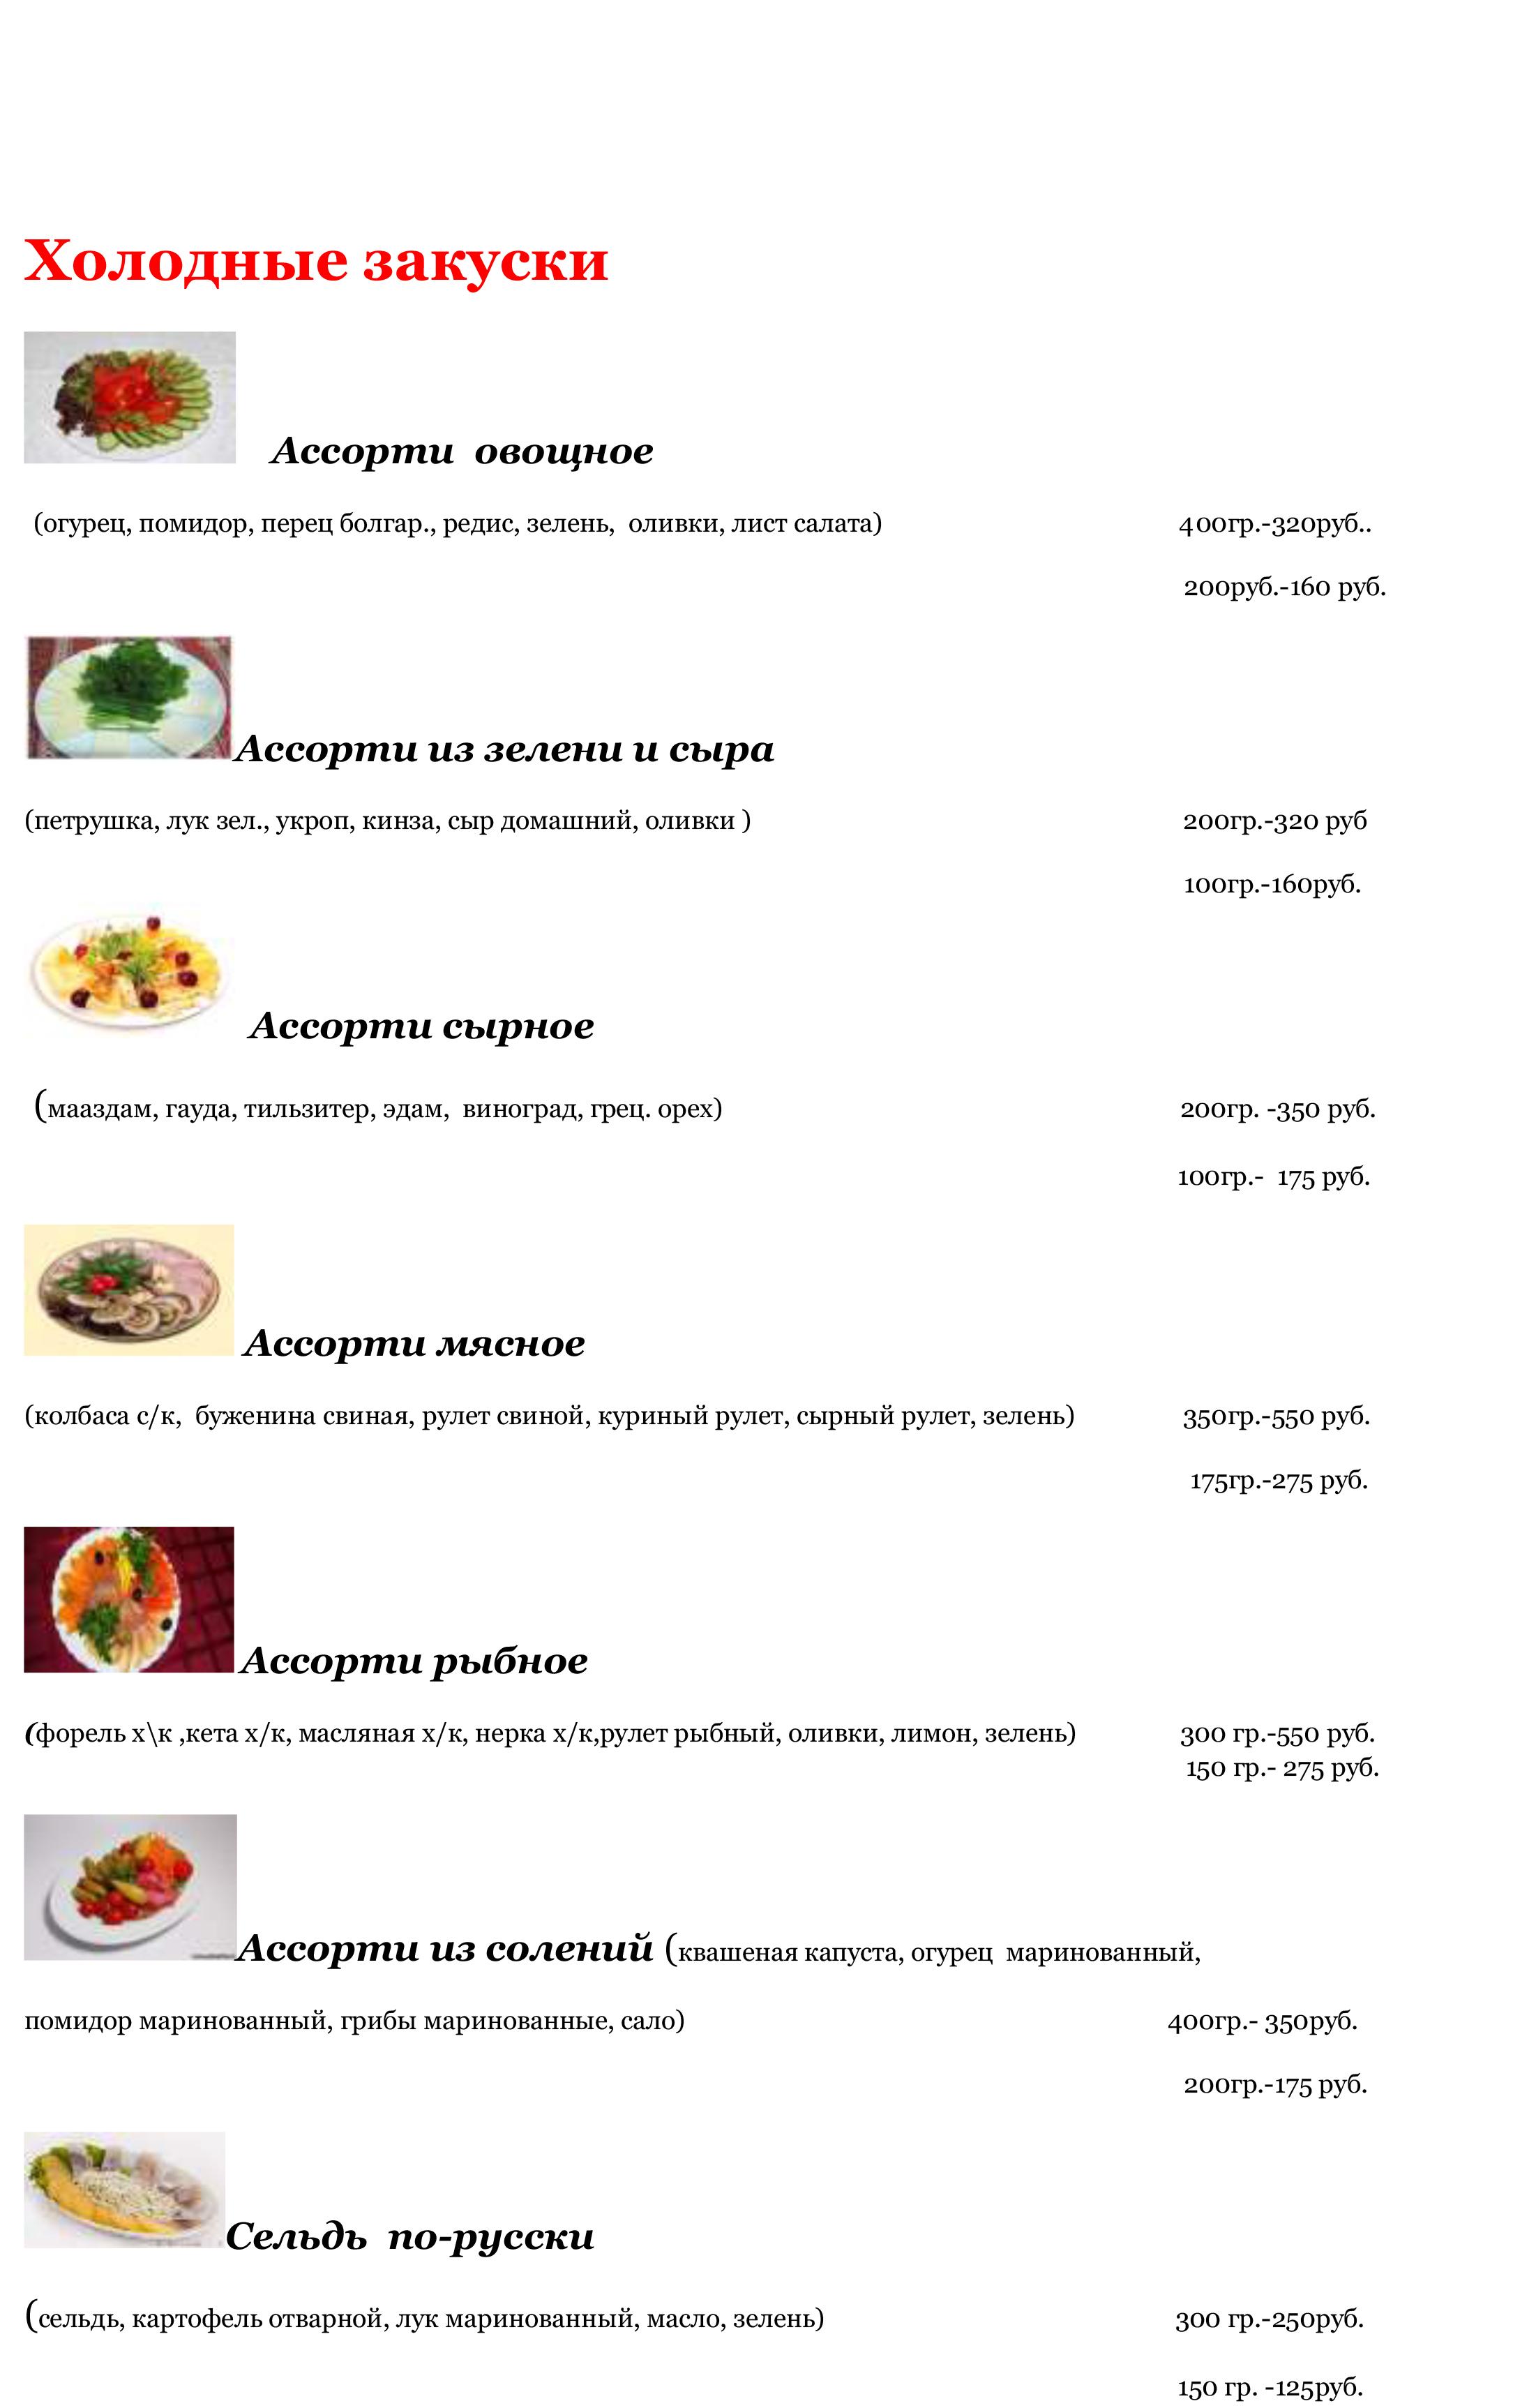 Меню кафе Сибирские луга 2